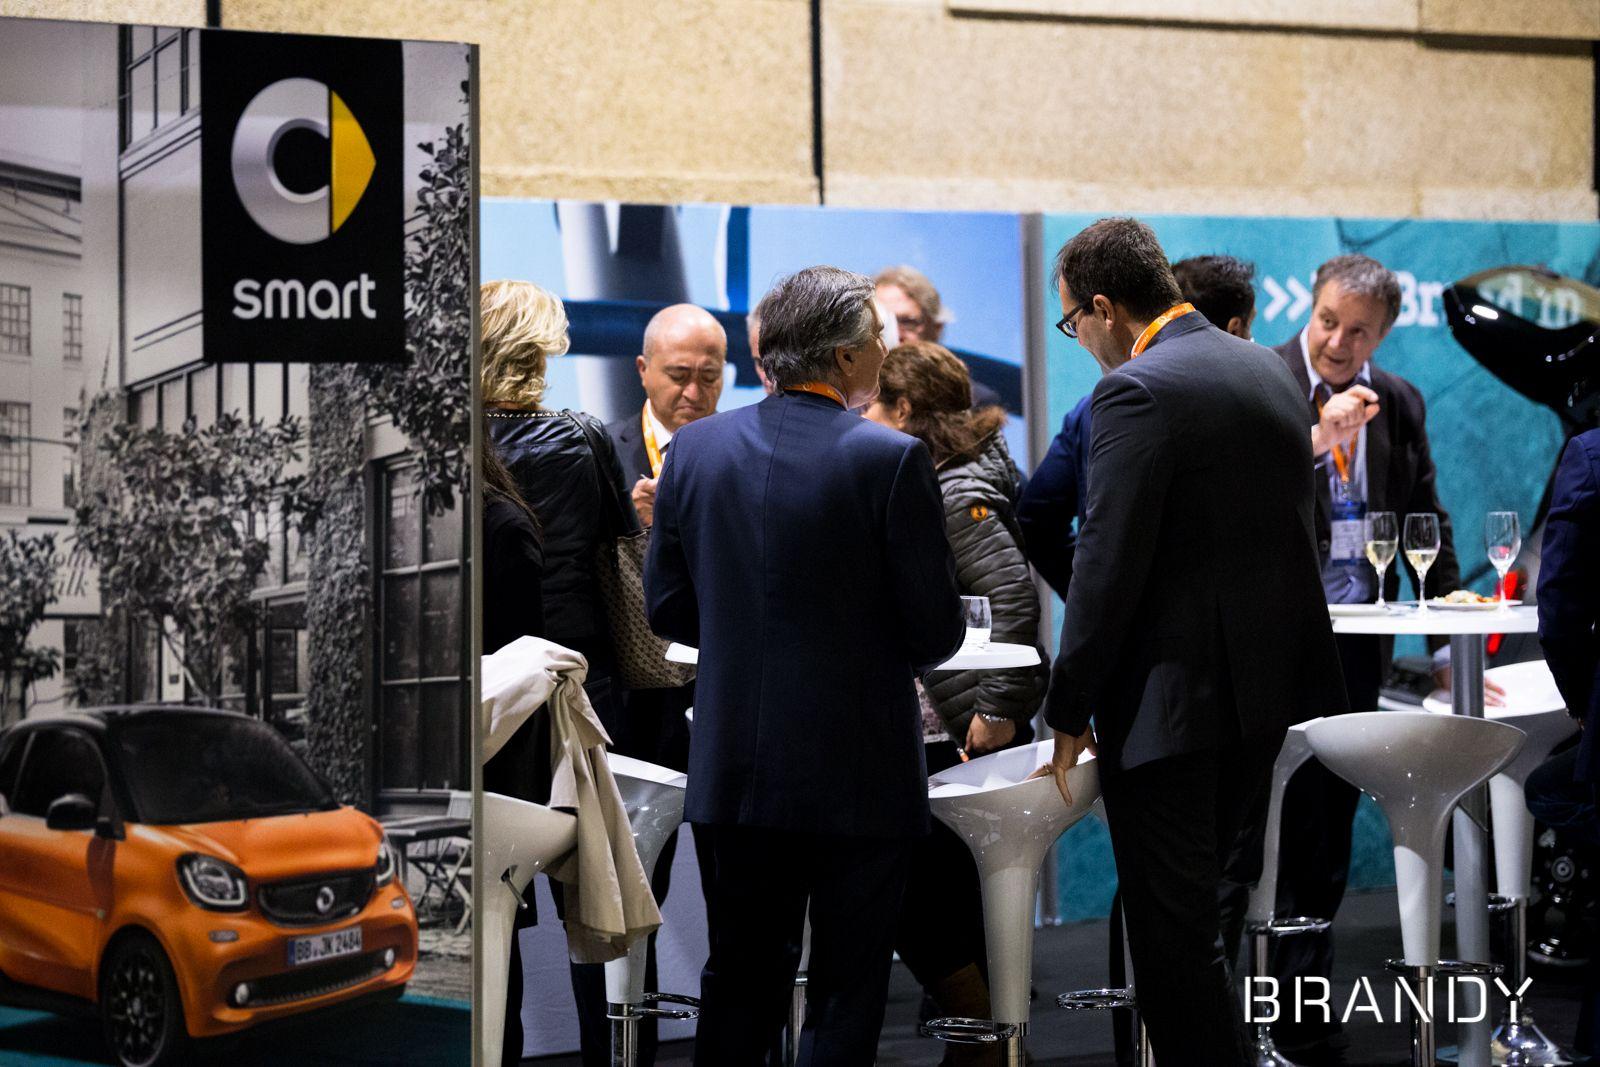 BRANDY: a Milano nasce l'hub per i brand che cercano connessioni emotive con i propri clienti